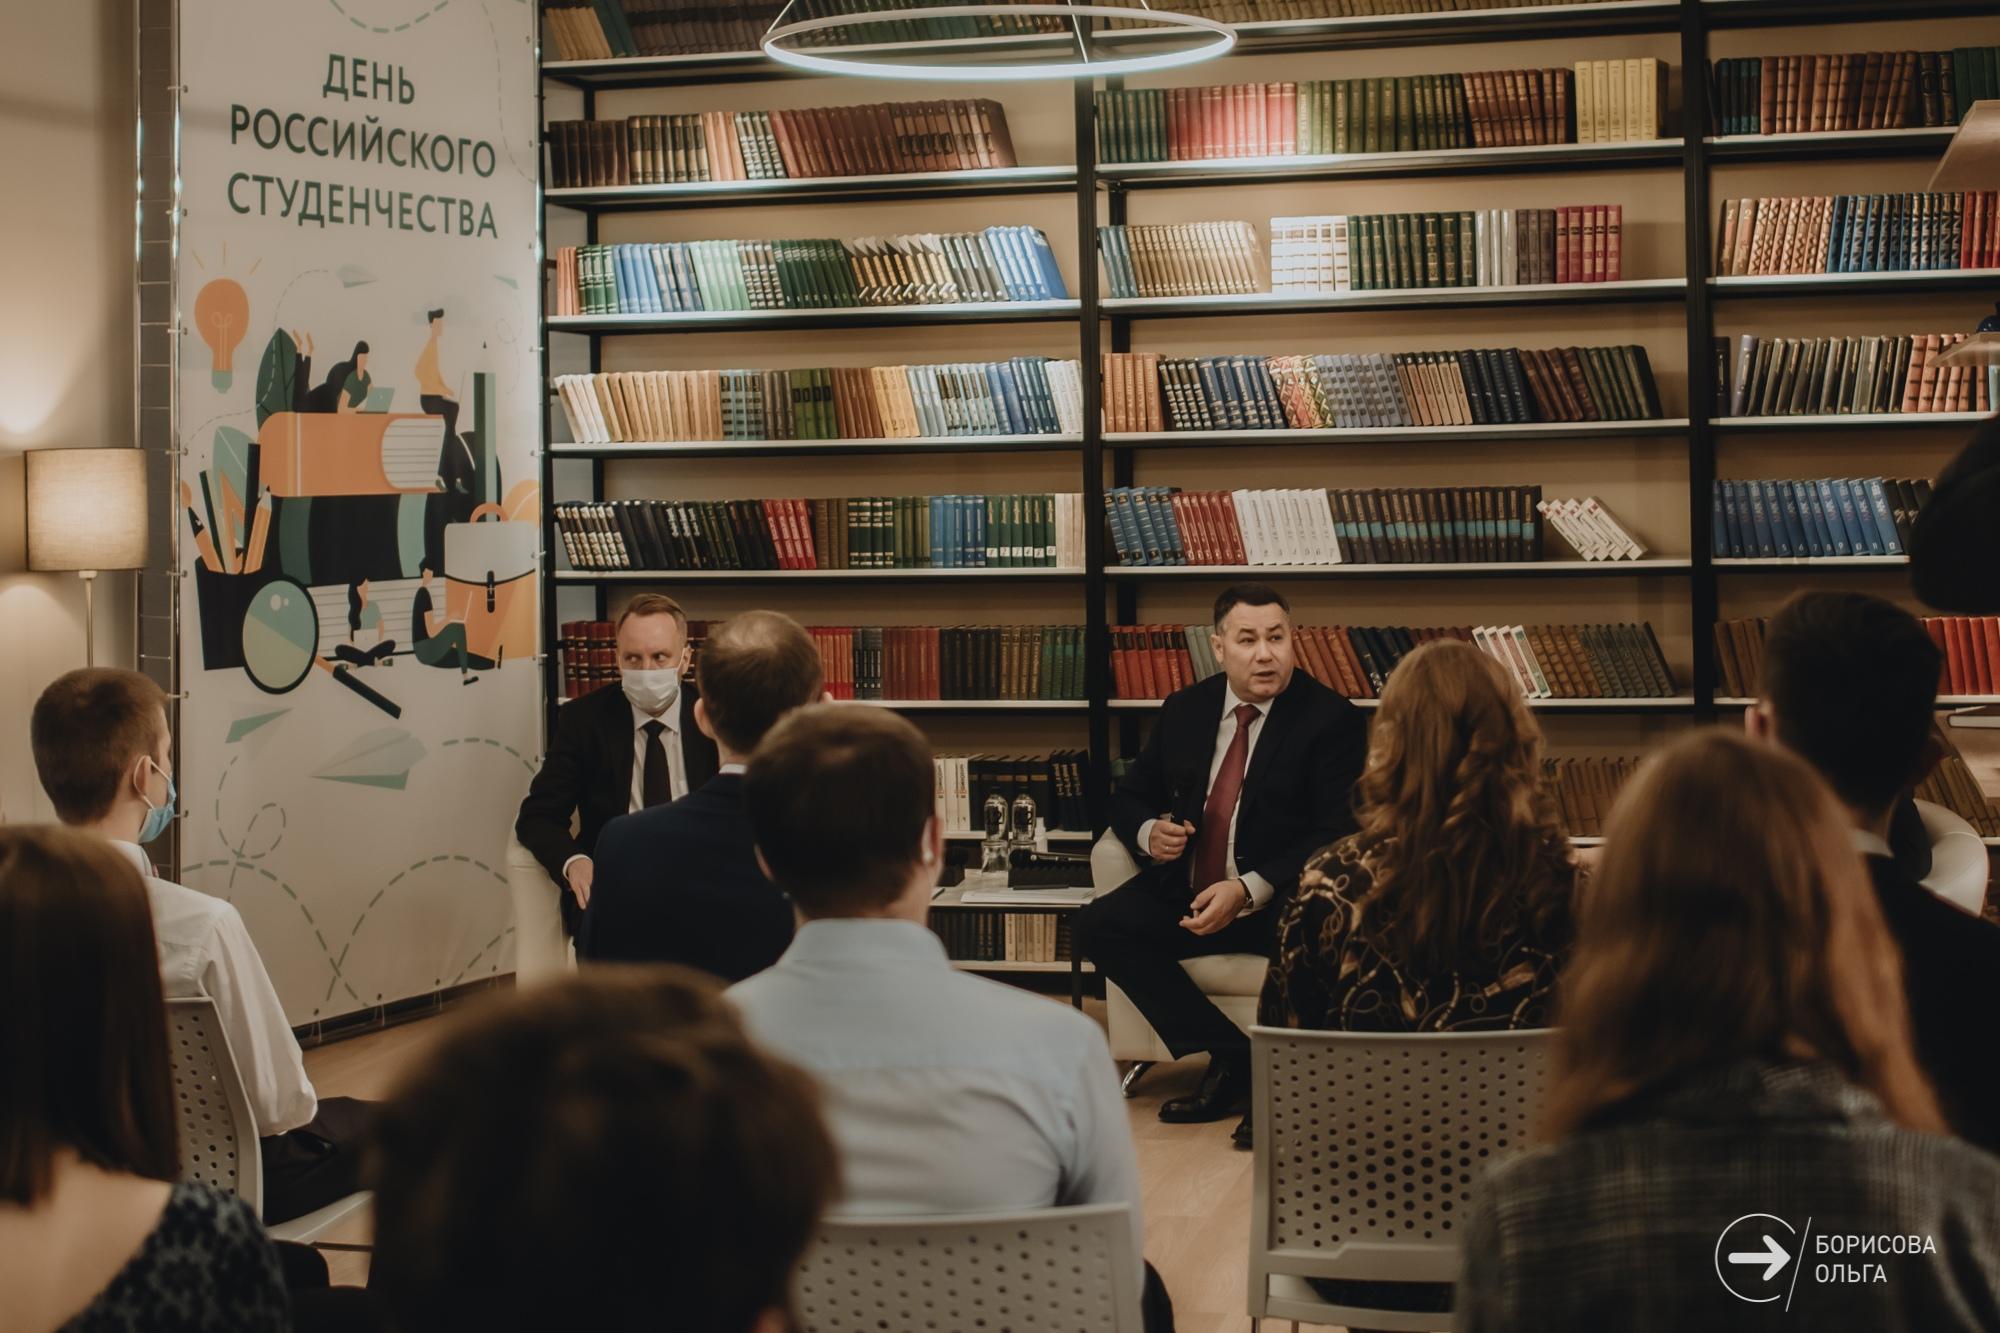 Разговор на равных: студенты рассказали о впечатлениях после встречи с губернатором ИгоремРуденей